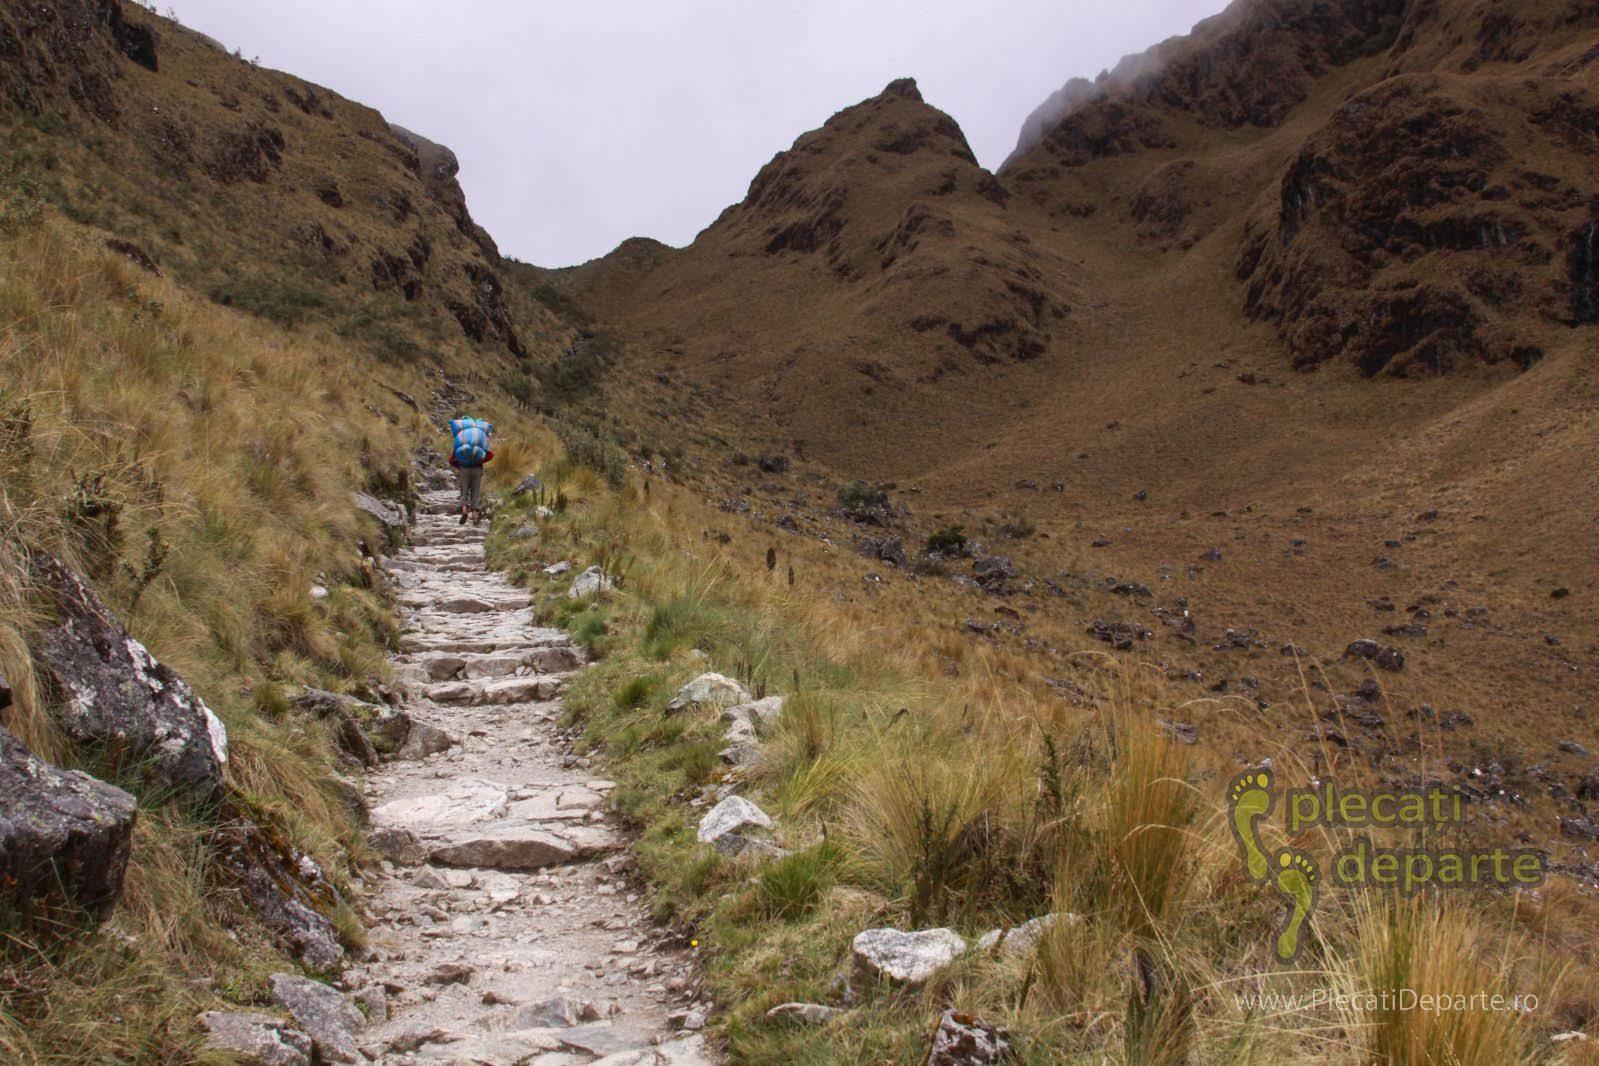 In spatele unui porter, urcand pe Inca Trail spre Dead Woman's Pass 4215m